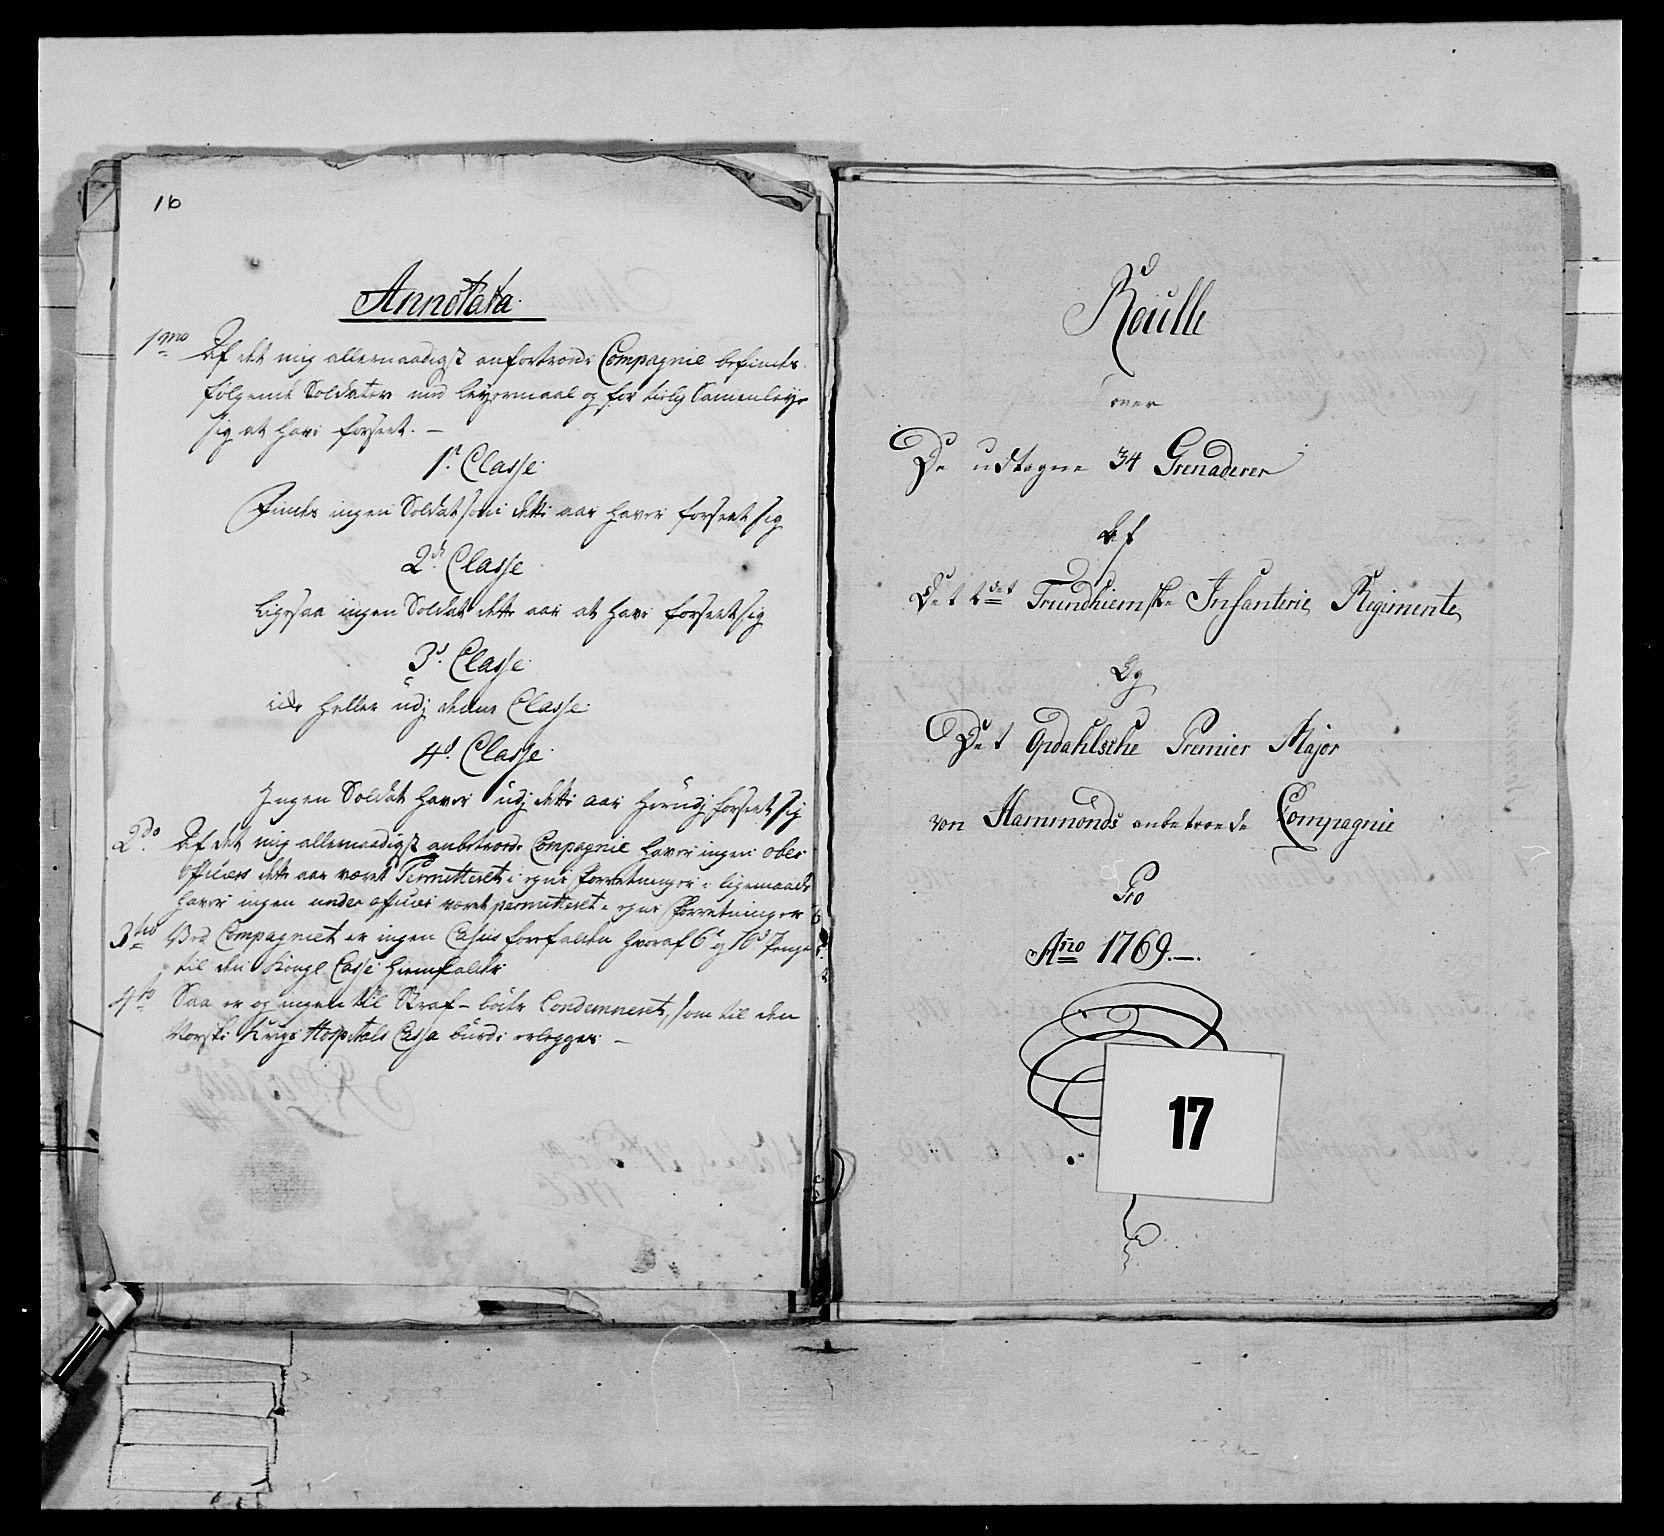 RA, Generalitets- og kommissariatskollegiet, Det kongelige norske kommissariatskollegium, E/Eh/L0076: 2. Trondheimske nasjonale infanteriregiment, 1766-1773, s. 30